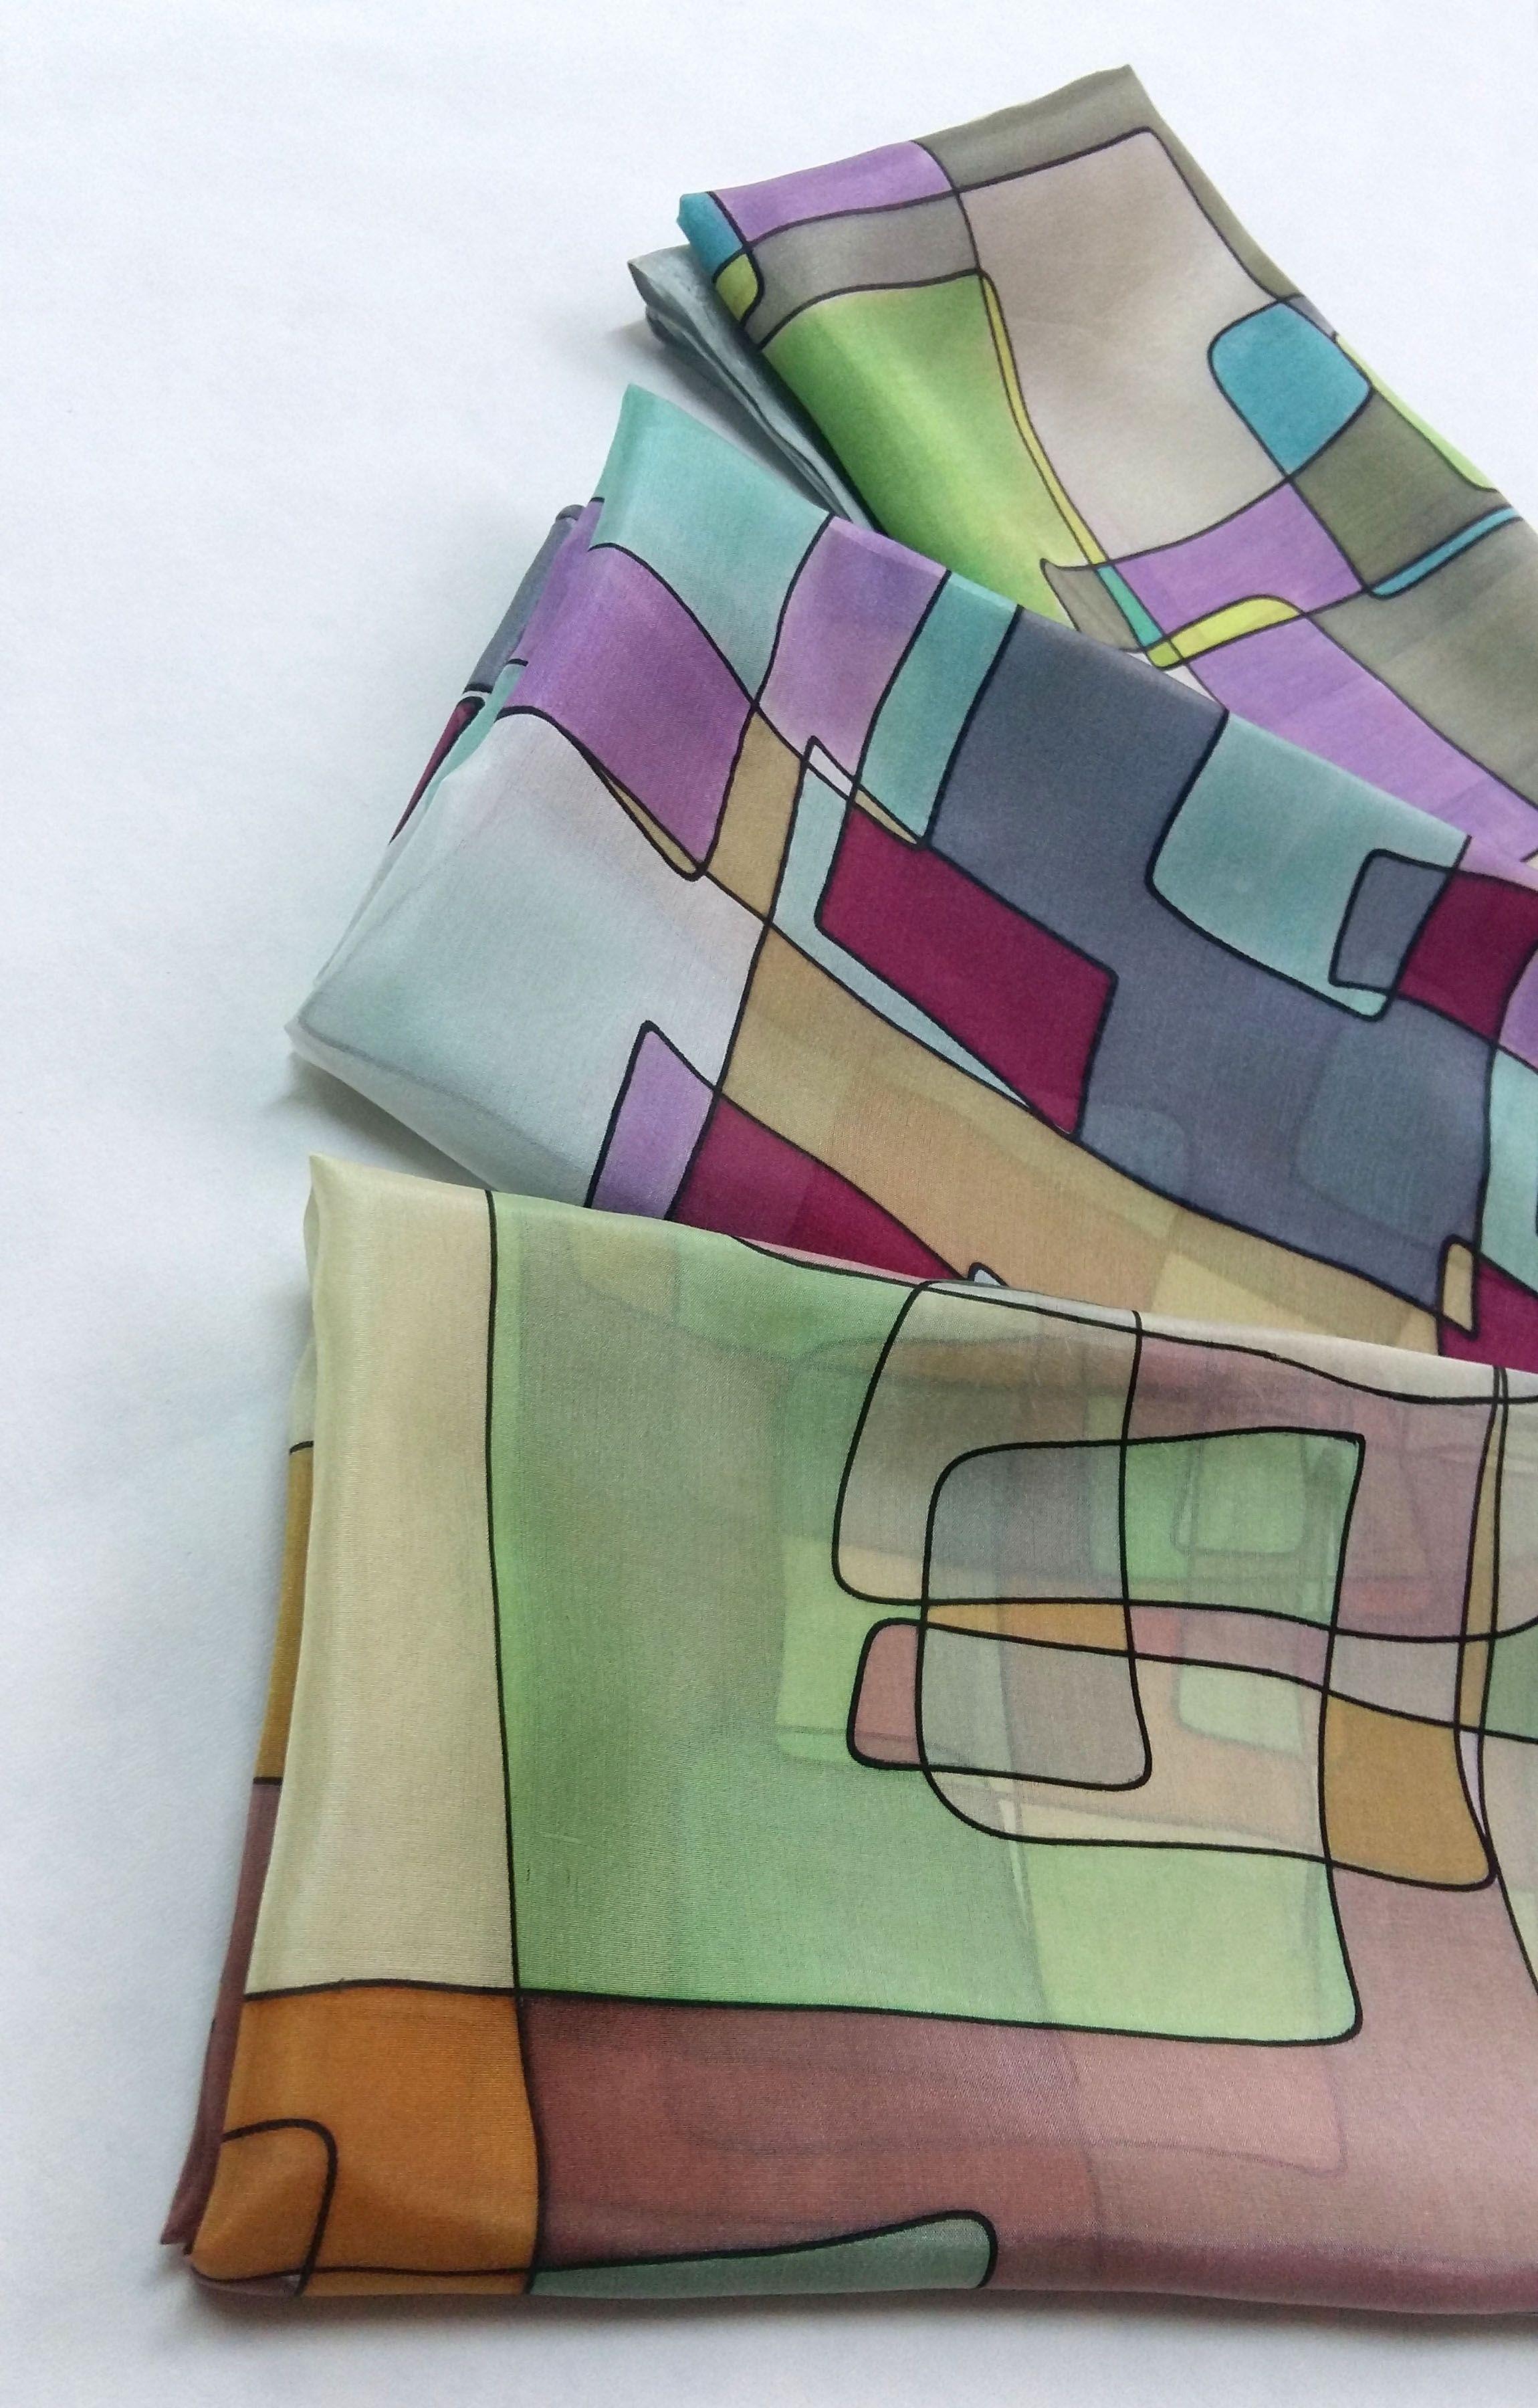 Pañuelos de seda natural pintado a mano de la colección tetris by Susana Suárez